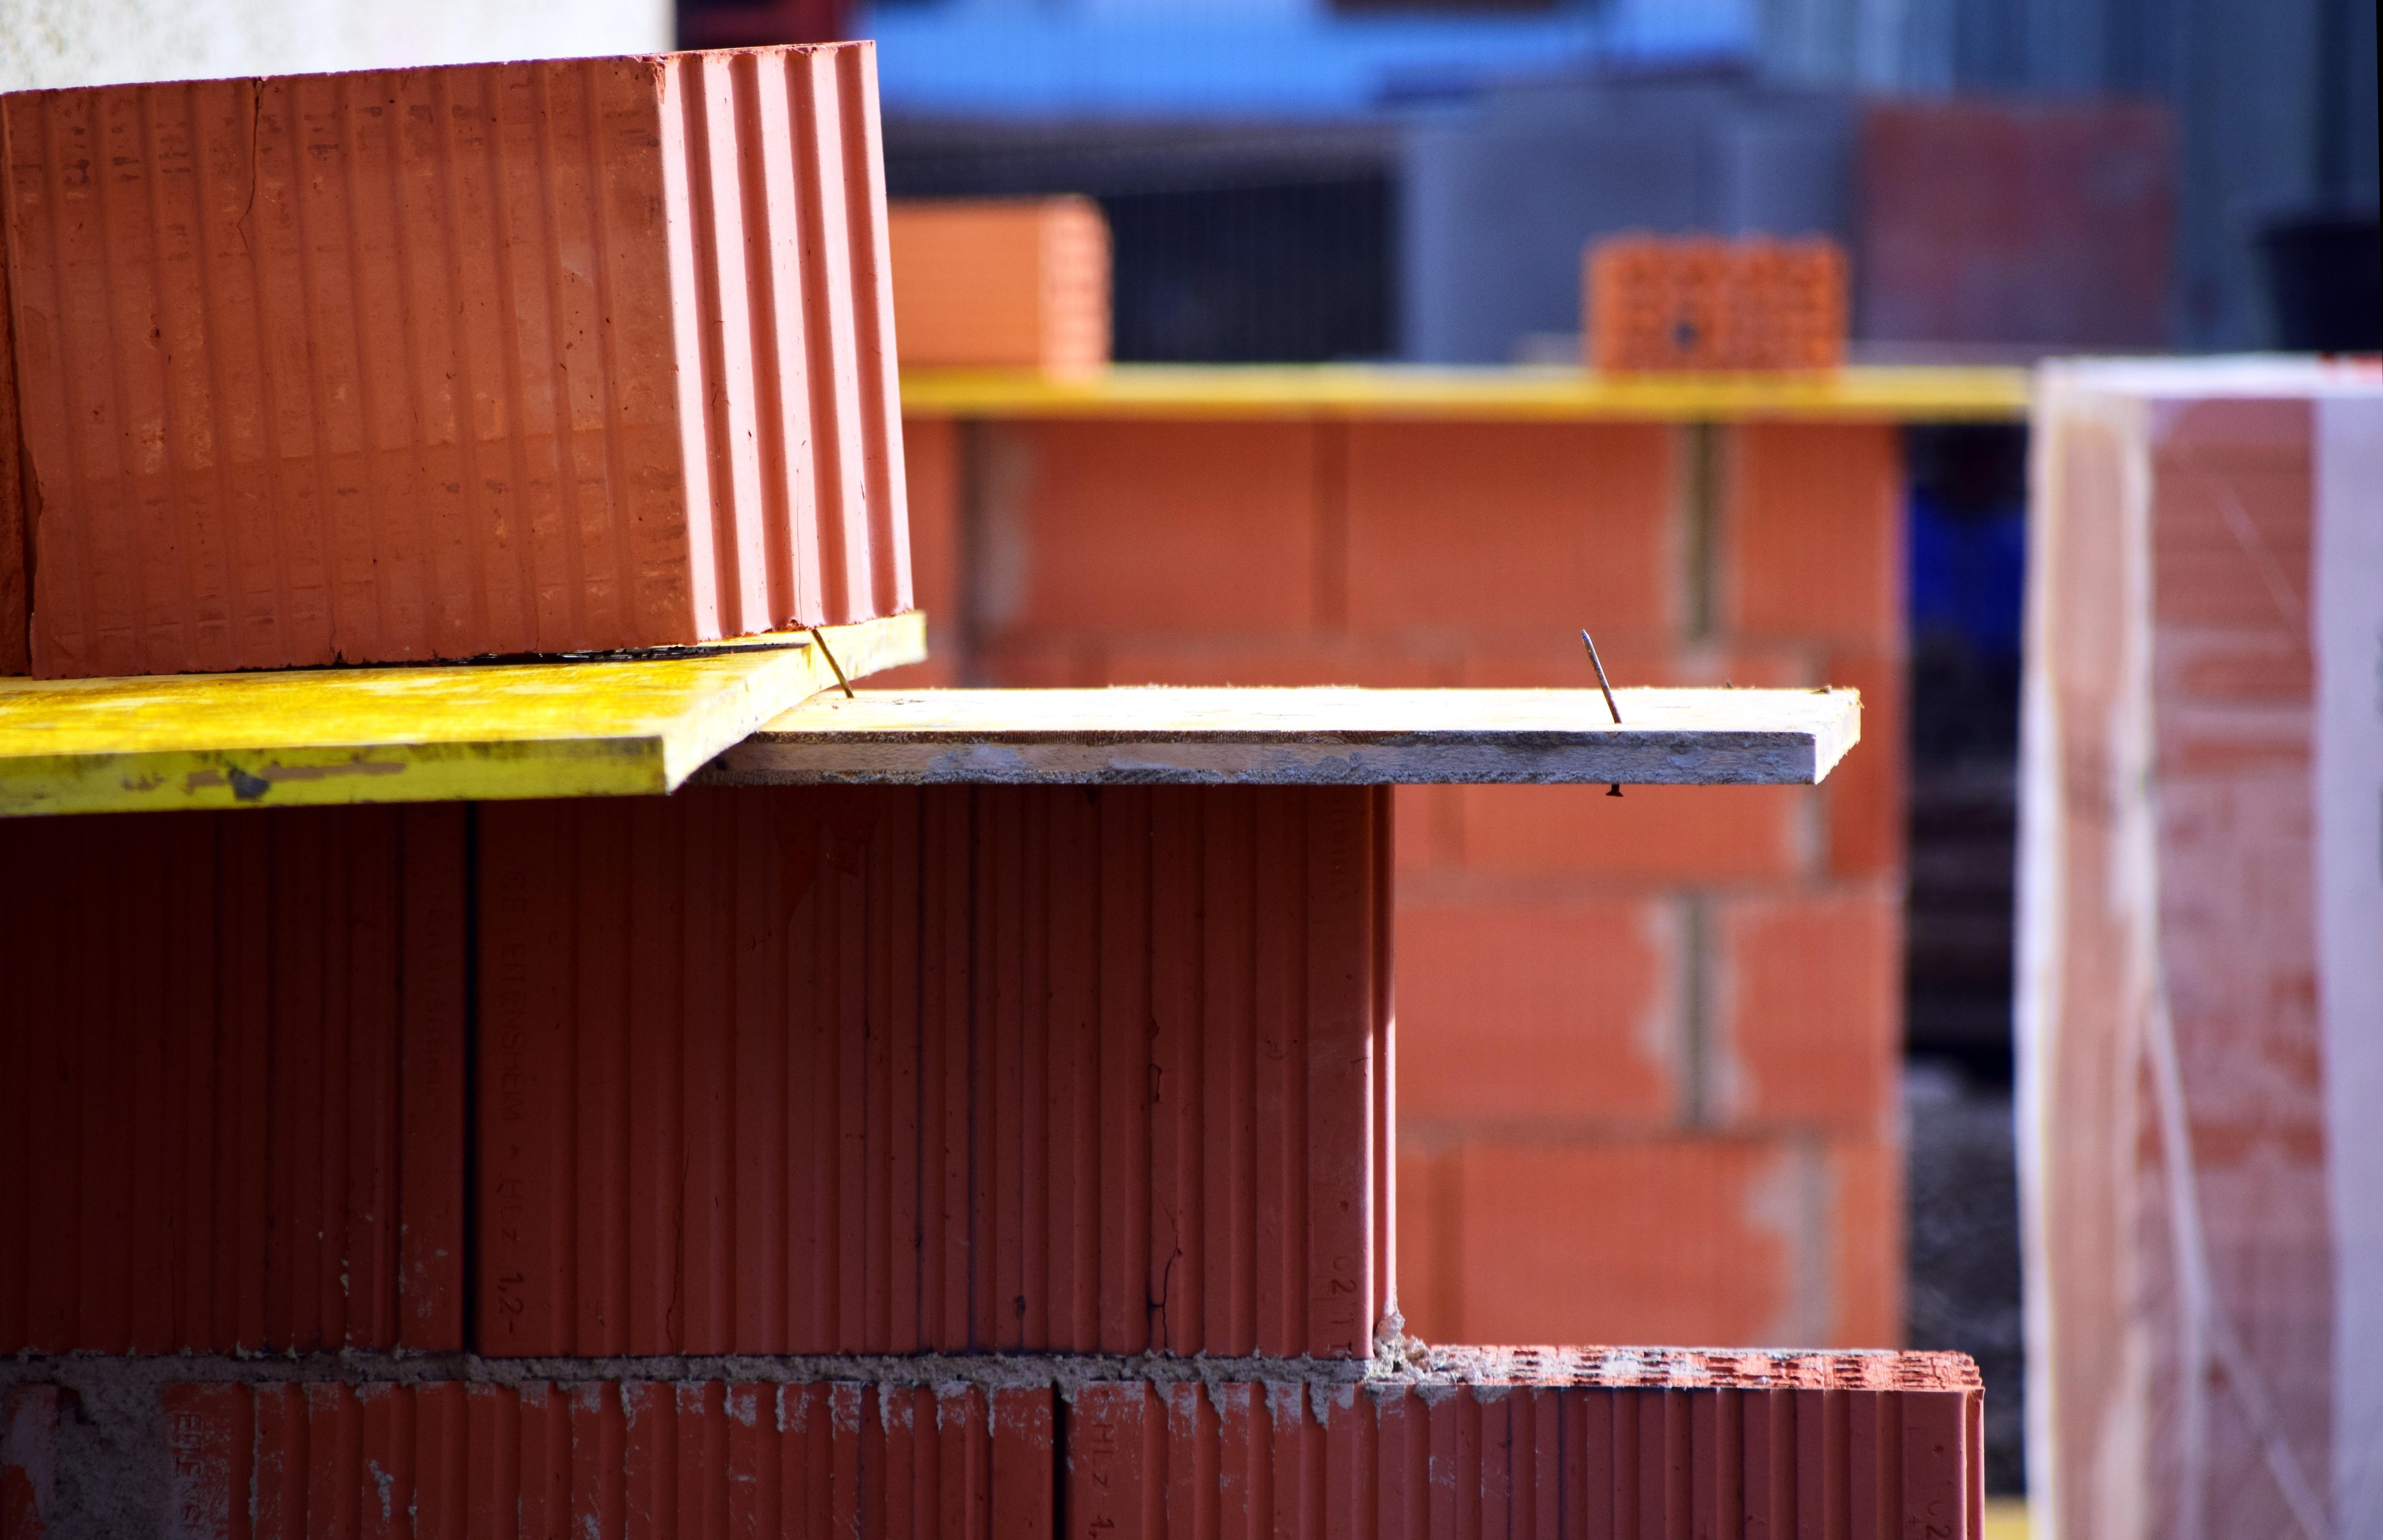 Images gratuites bois maison mur rouge couleur meubles clou coquille design dintérieur planches construire site risque maison construction